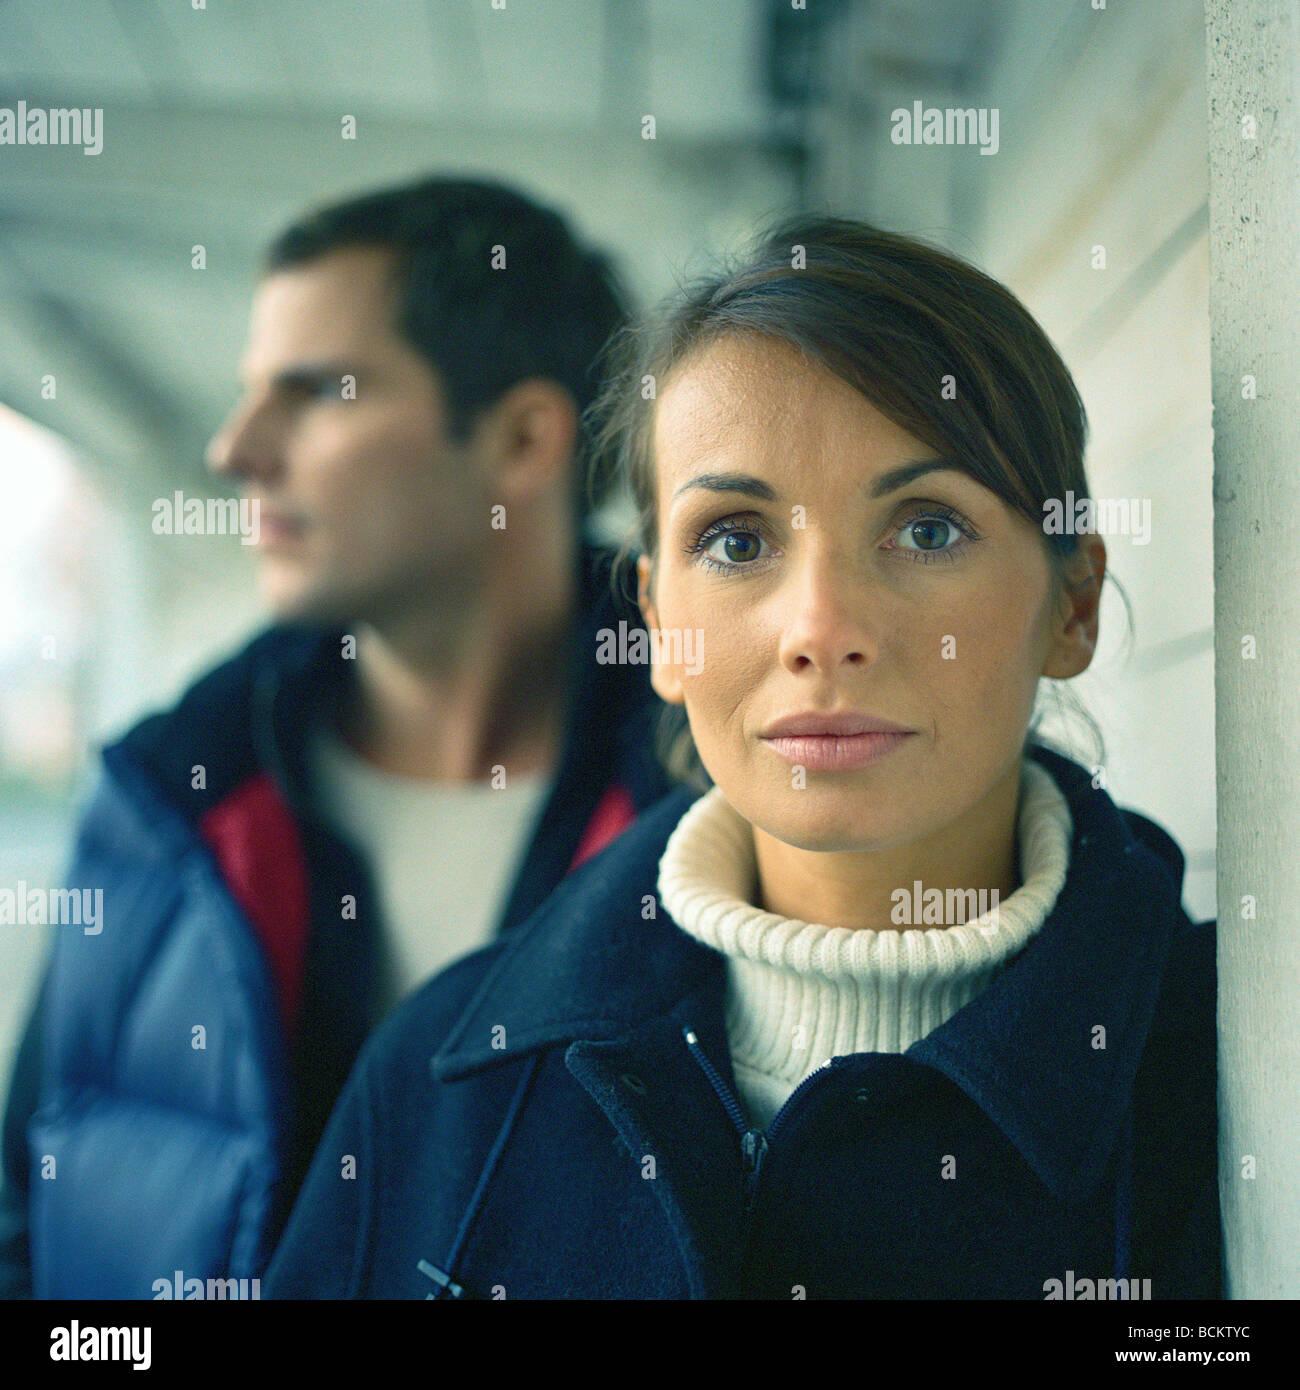 L'homme et la femme unis dans un passage couvert Banque D'Images